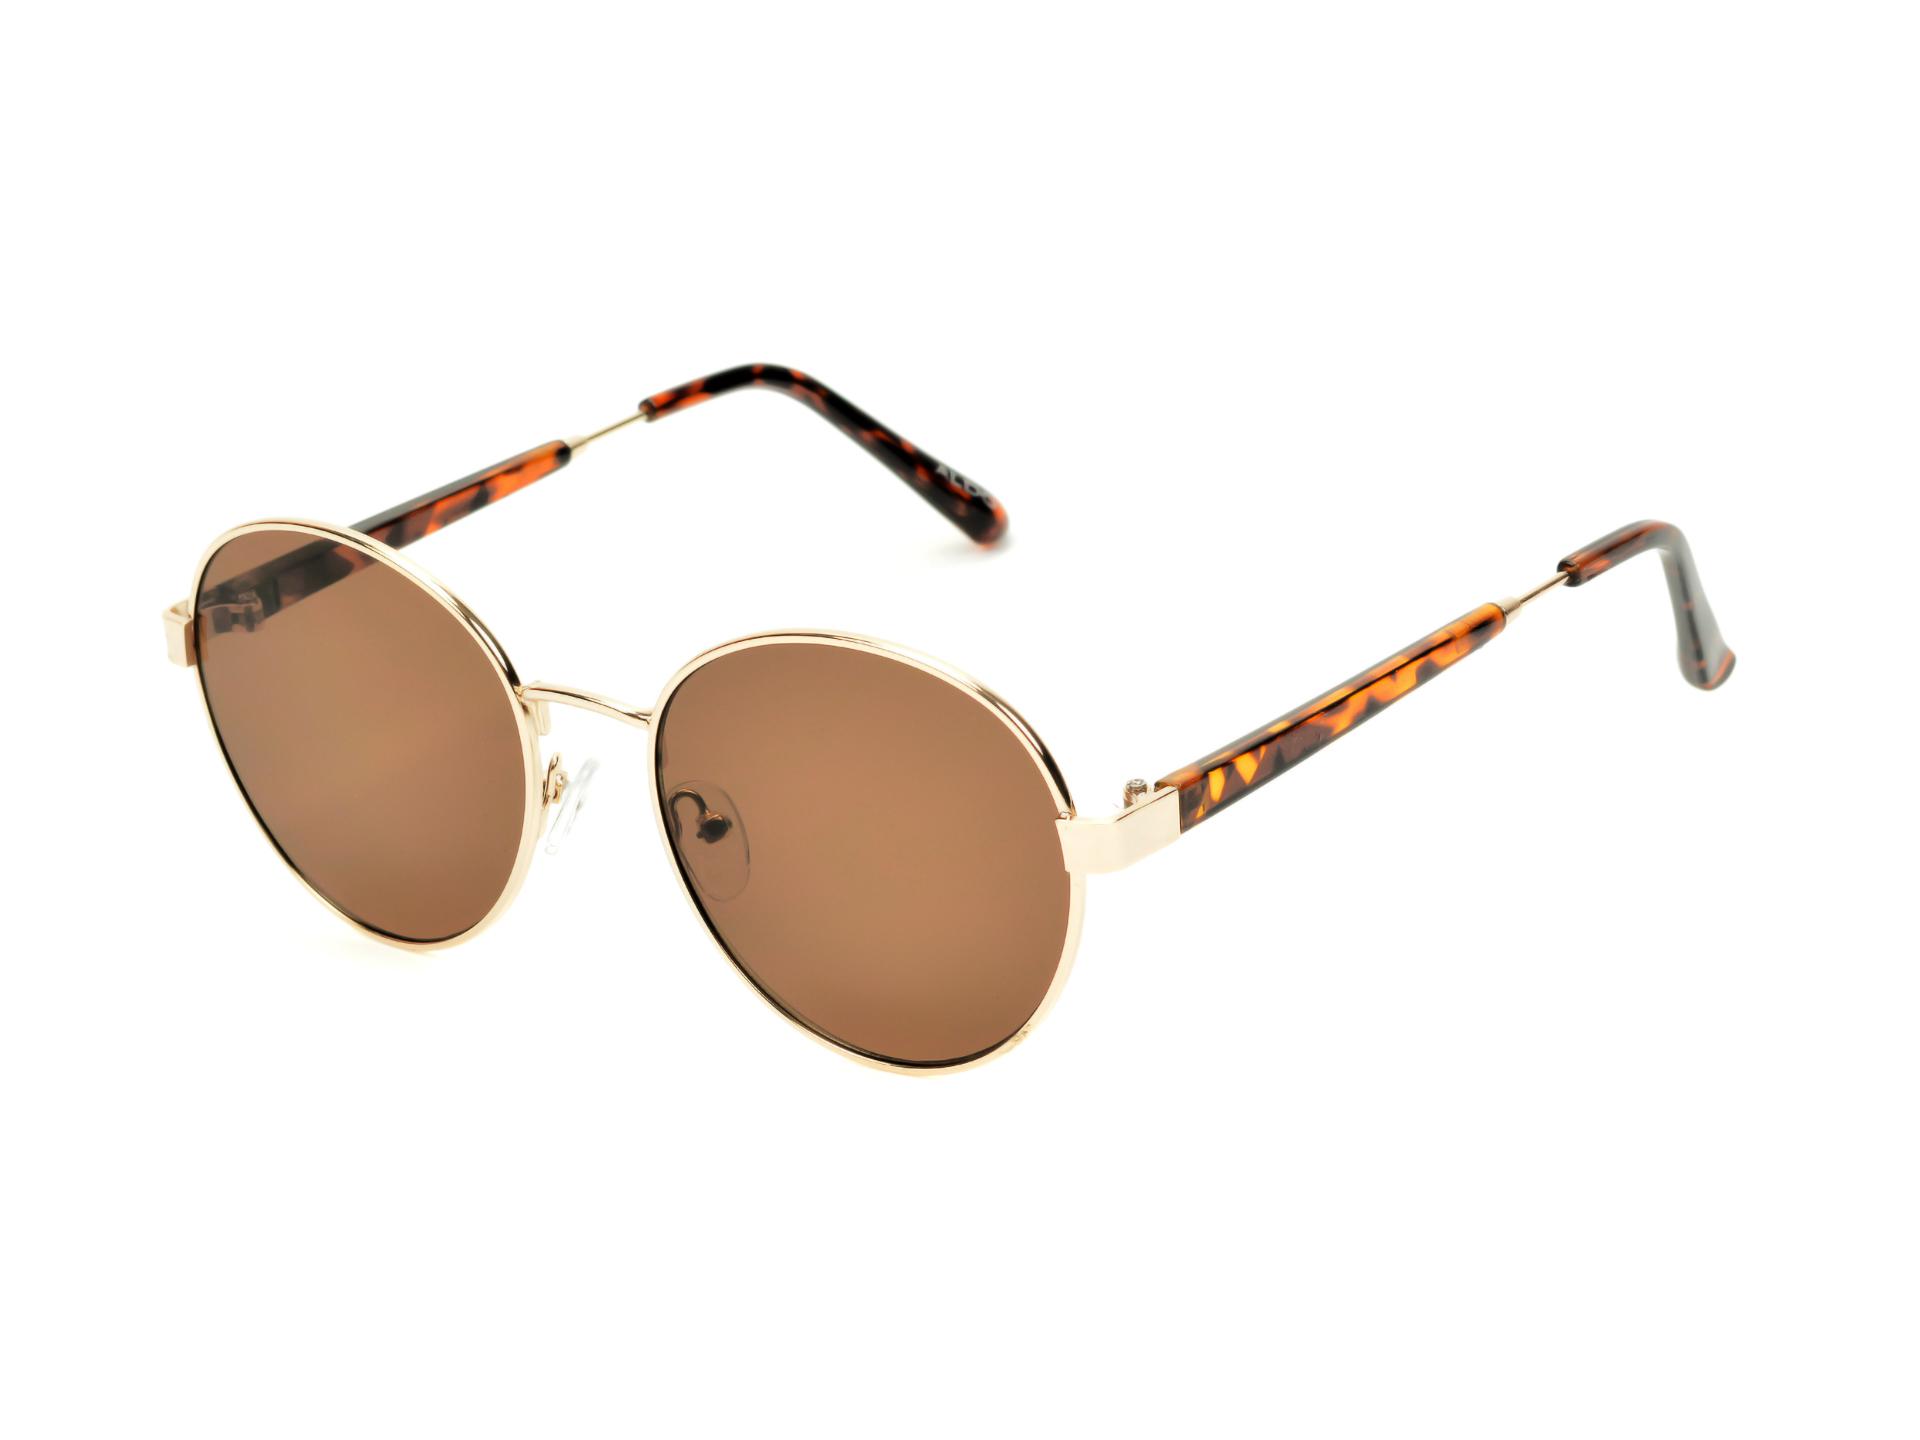 Ochelari de soare ALDO aurii, Parade710, din PVC imagine